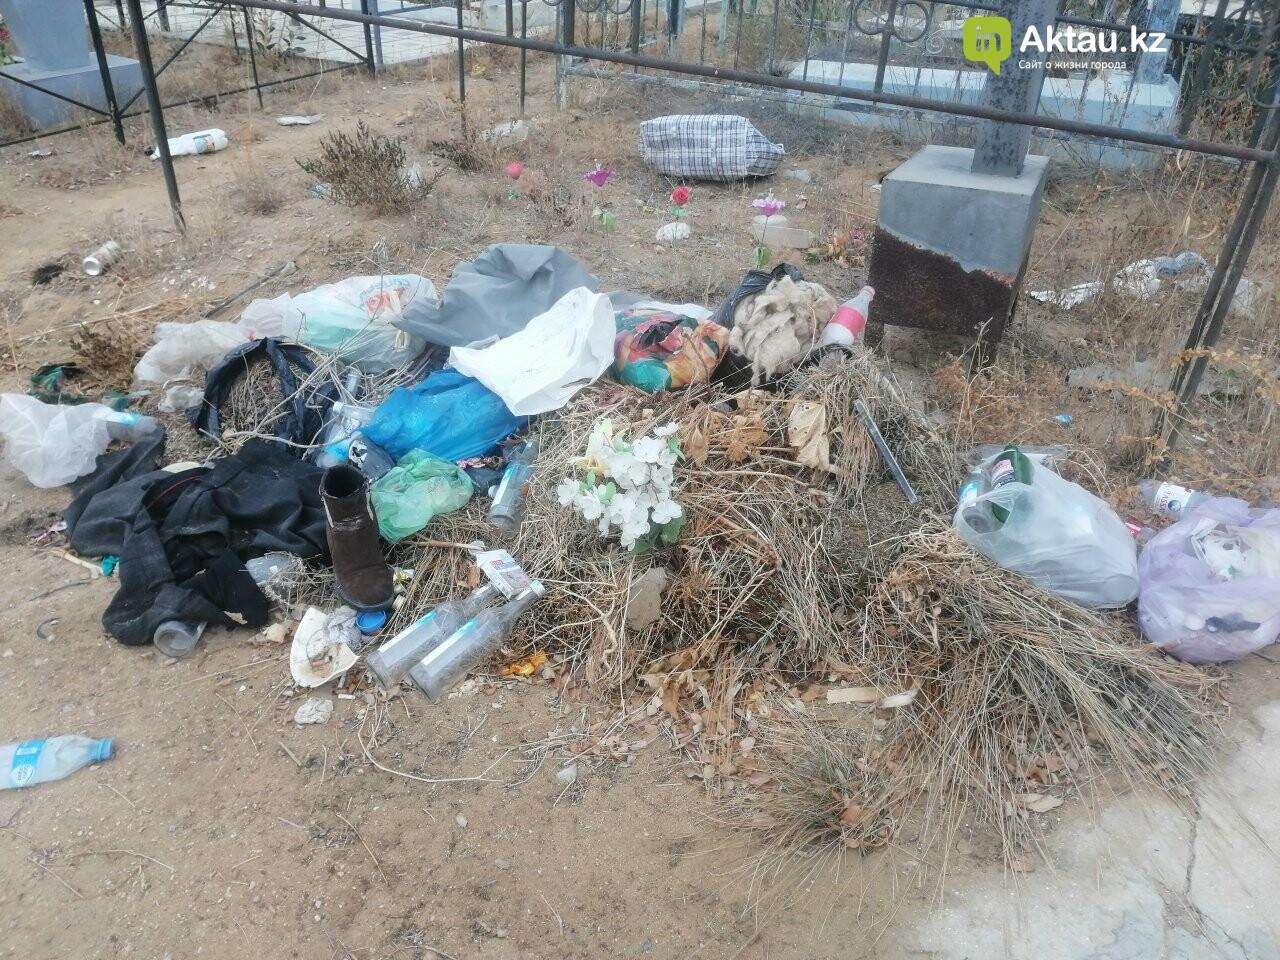 Жители Актау пожаловались на мусор на православном кладбище , фото-1